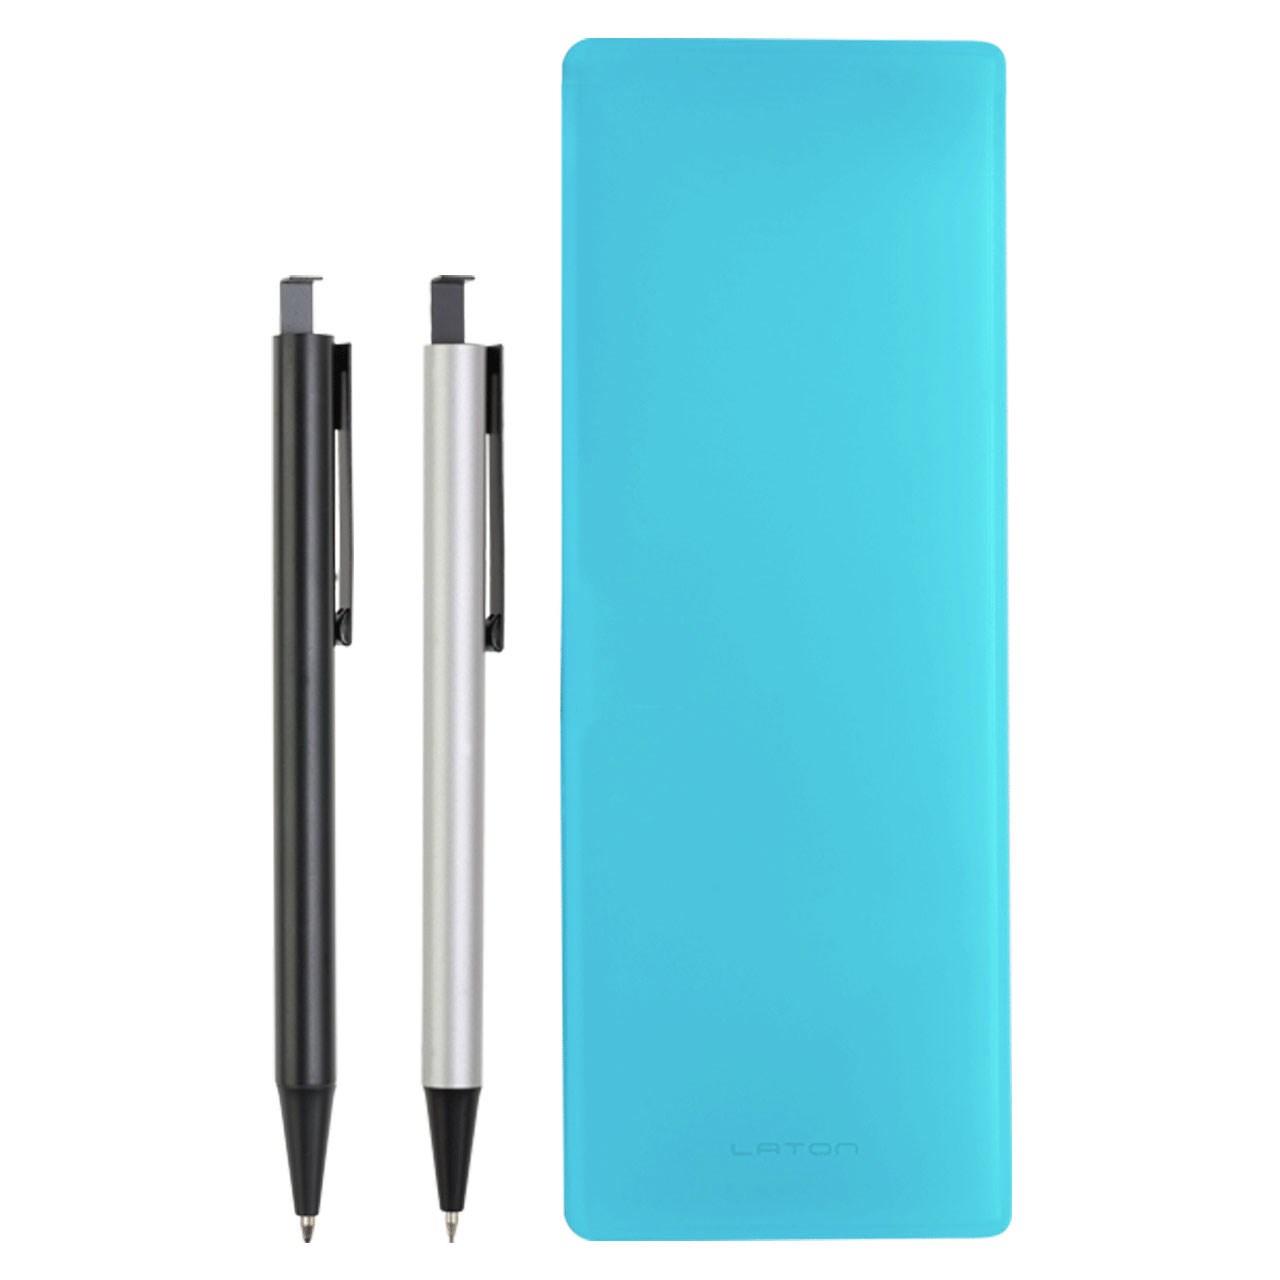 ست خودکار مدادنوکی و جامدادی لاتن مدل Ultra Blue